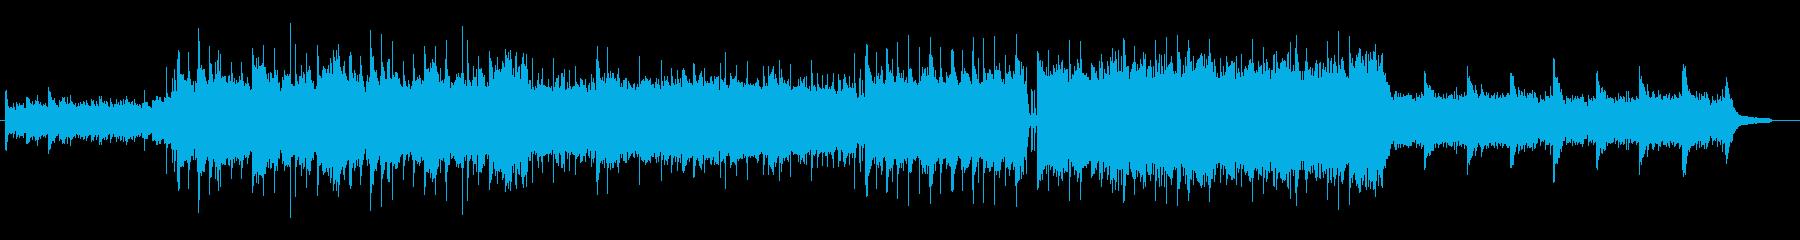 アコギがメインのエモいポップスの再生済みの波形